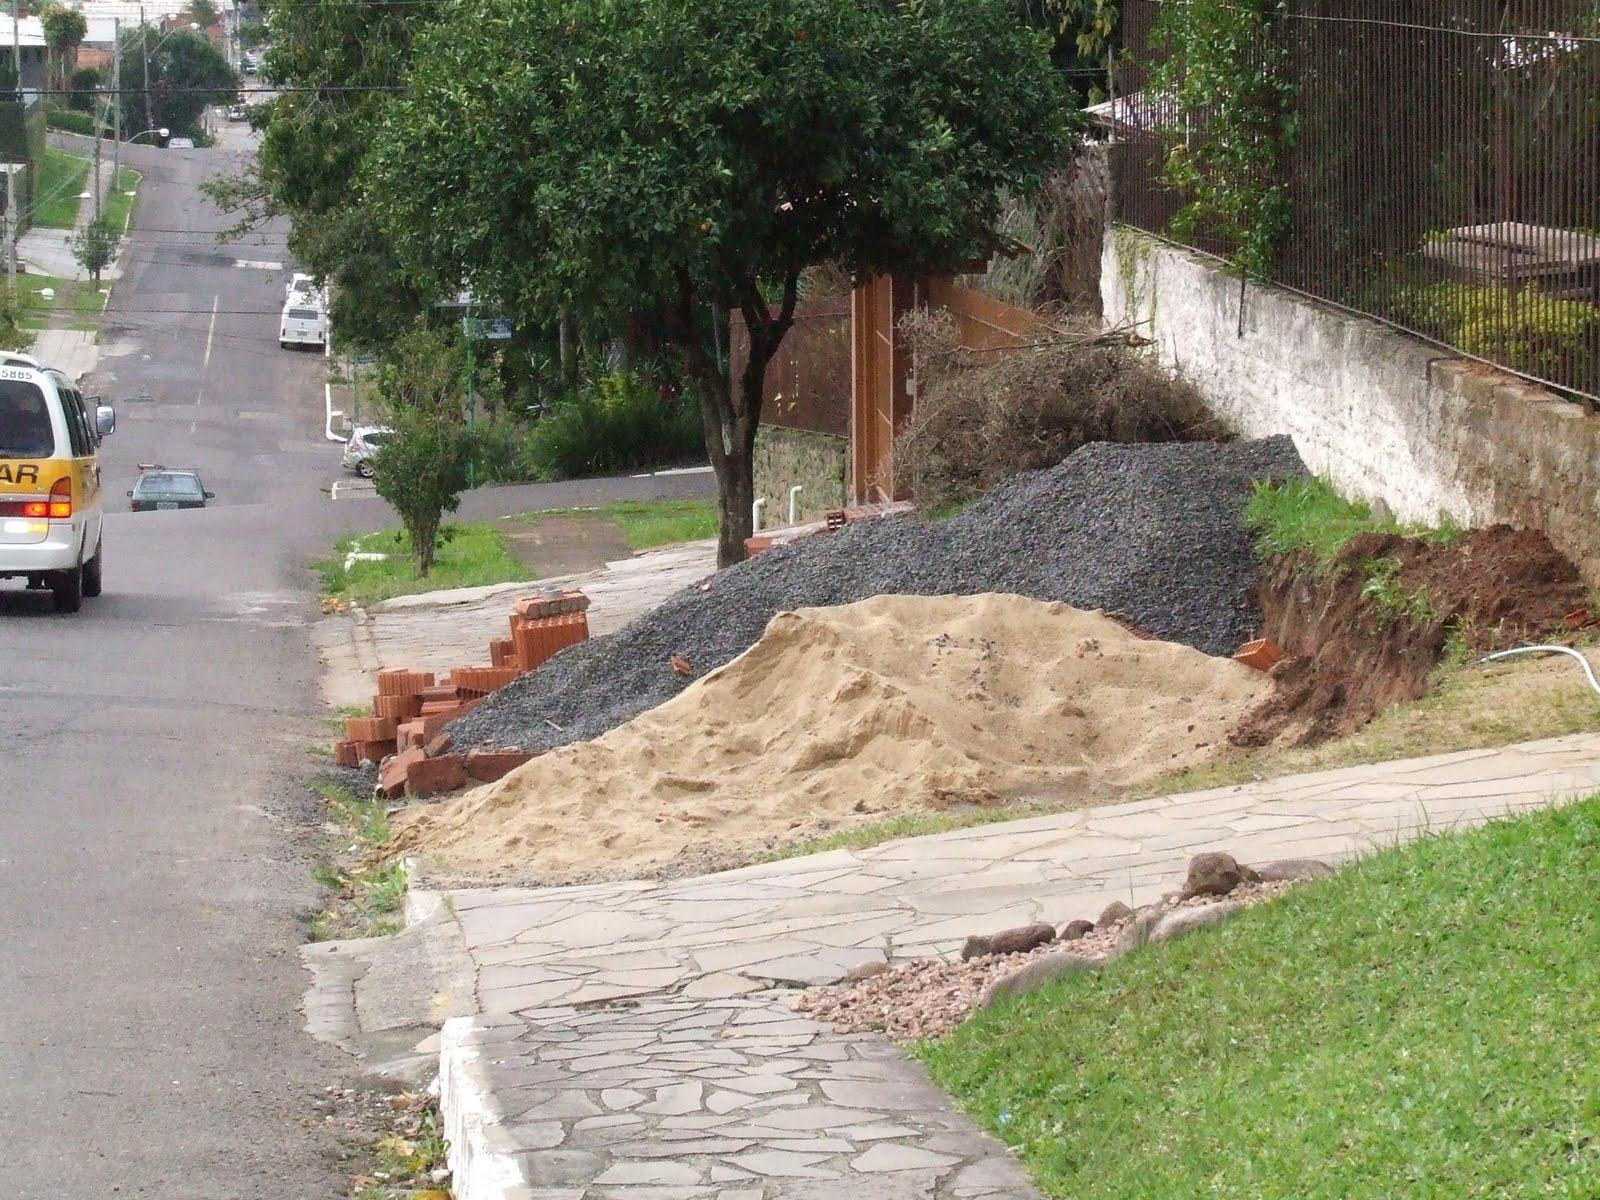 8f73434ca E aí vai a perguntinha: como está a calçada em frente ao terreno onde você  está construindo? Confesso que, no meu caso, está um caos.